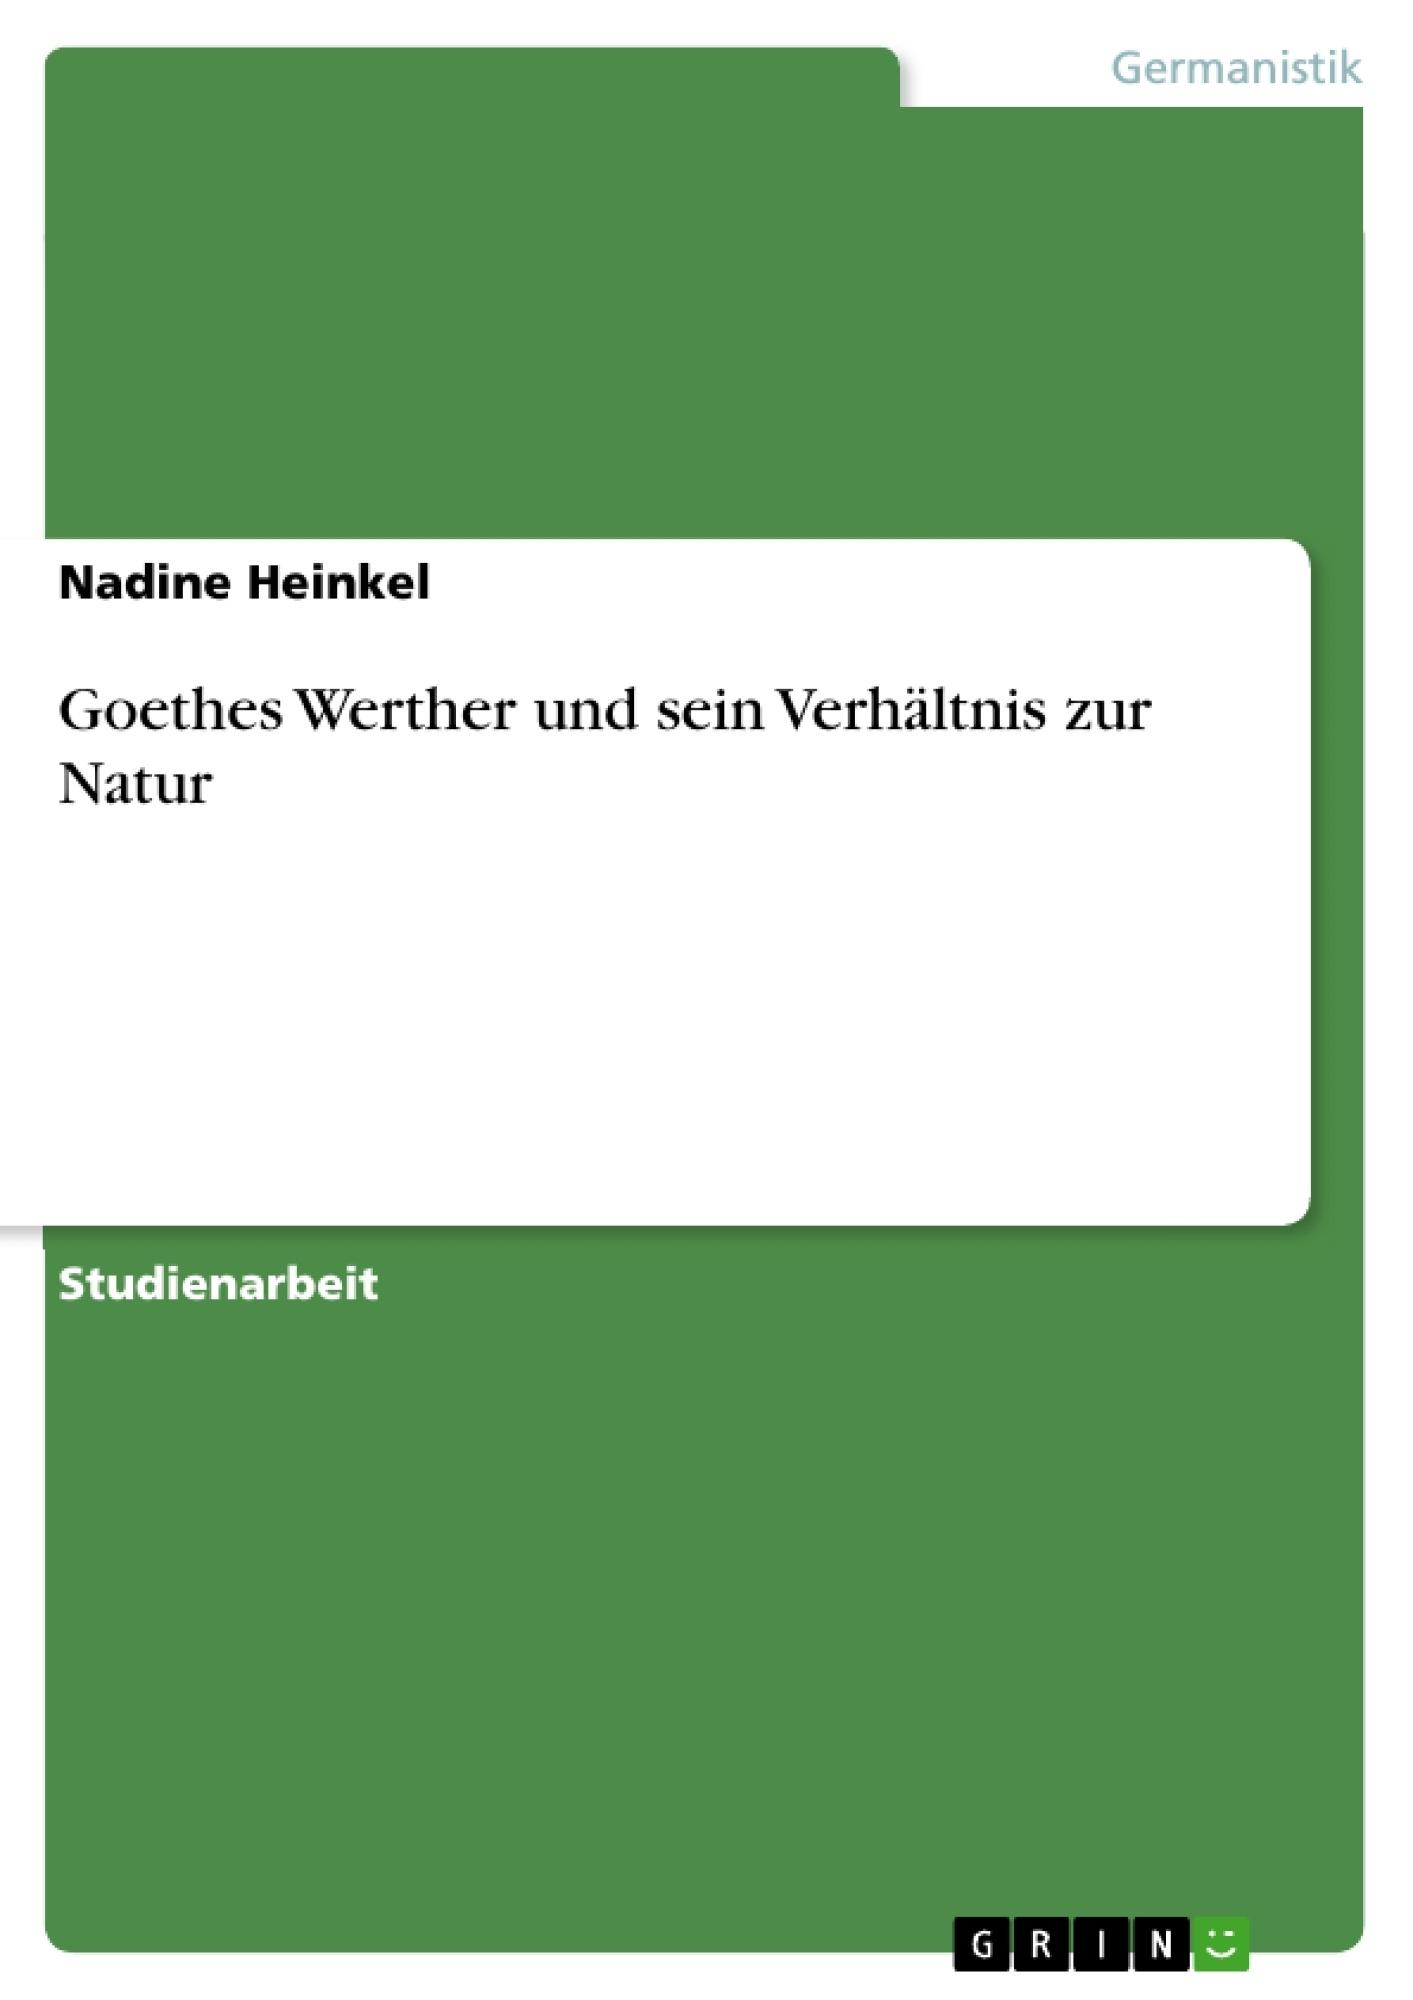 Titel: Goethes Werther und sein Verhältnis zur Natur